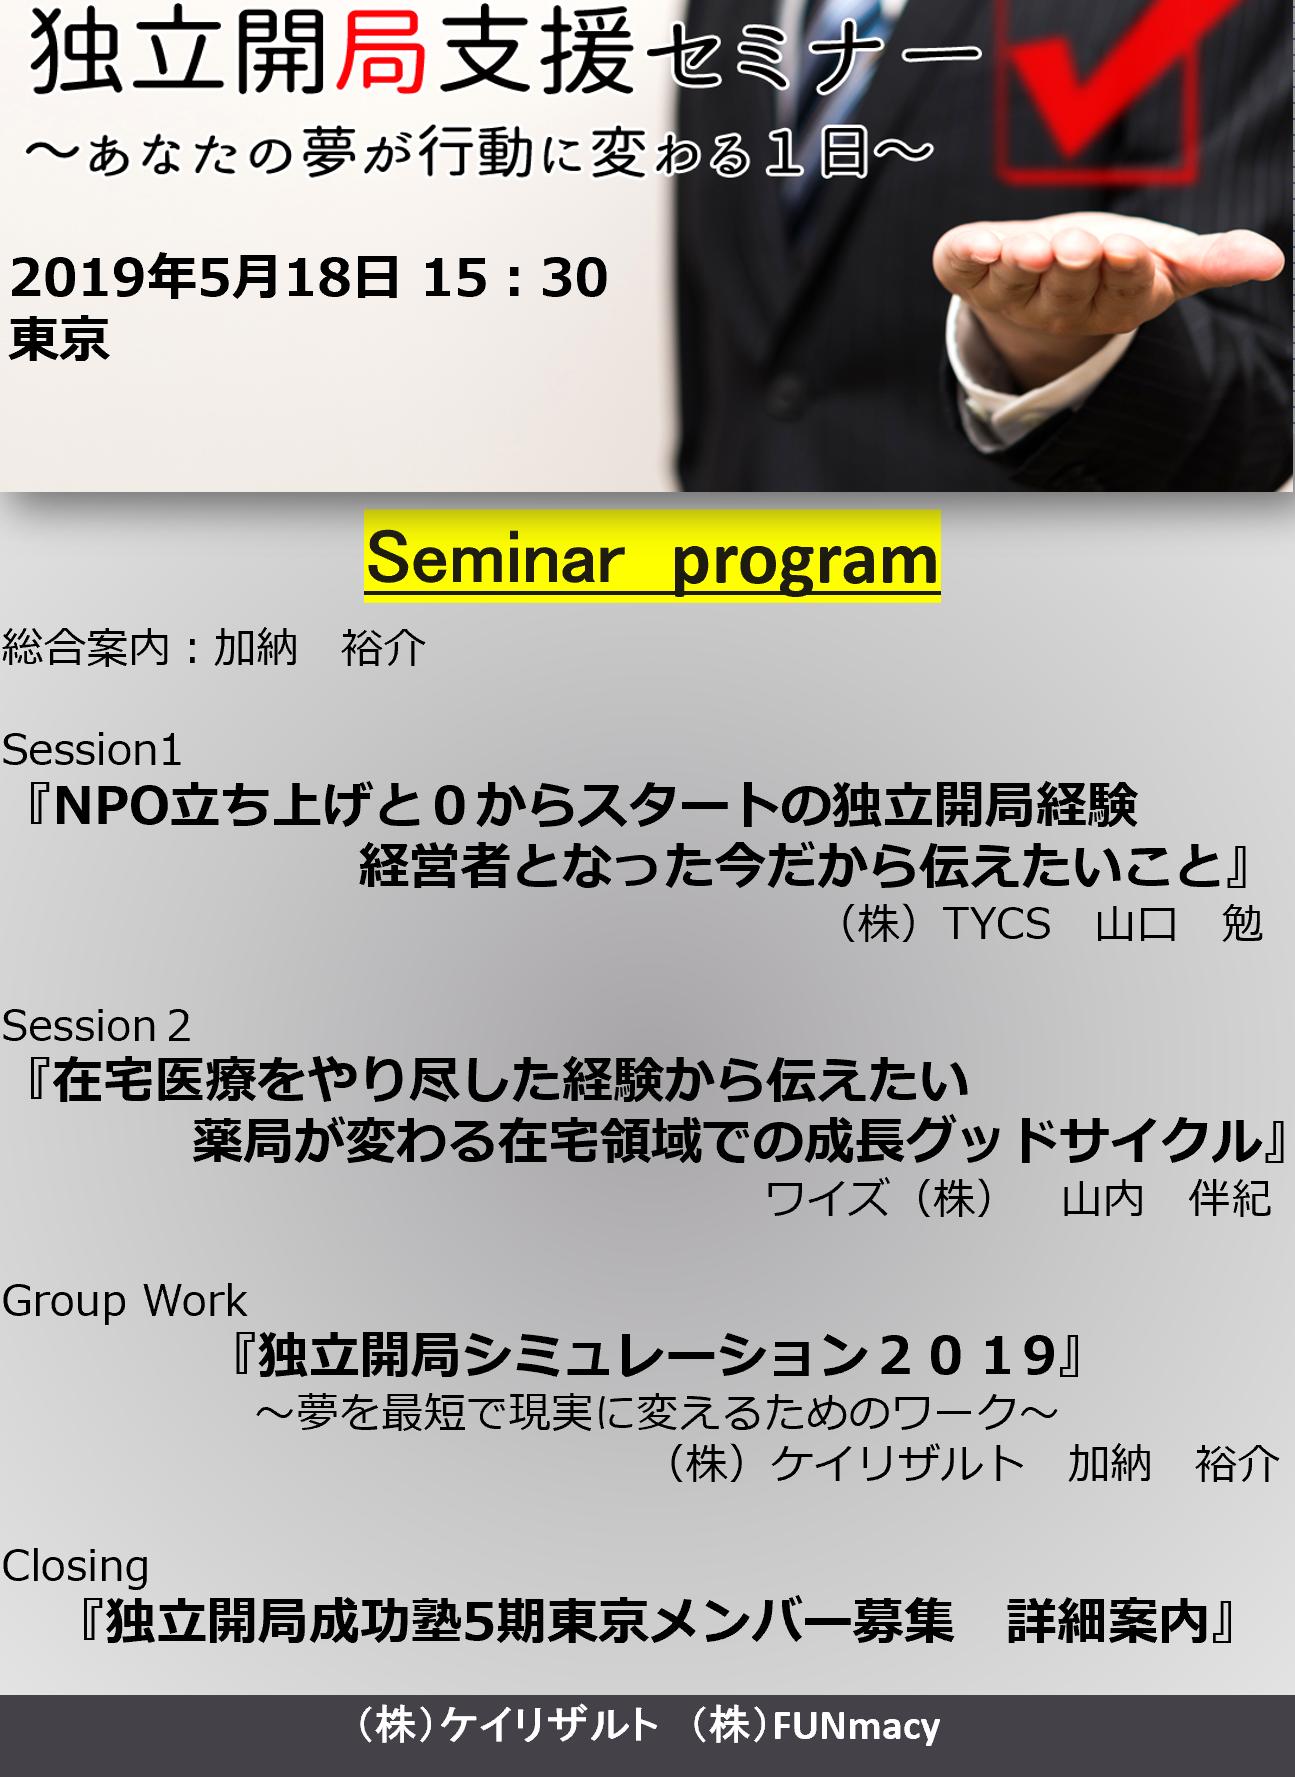 【5月18日開催】独立開局支援セミナー2019in東京 詳細プログラム